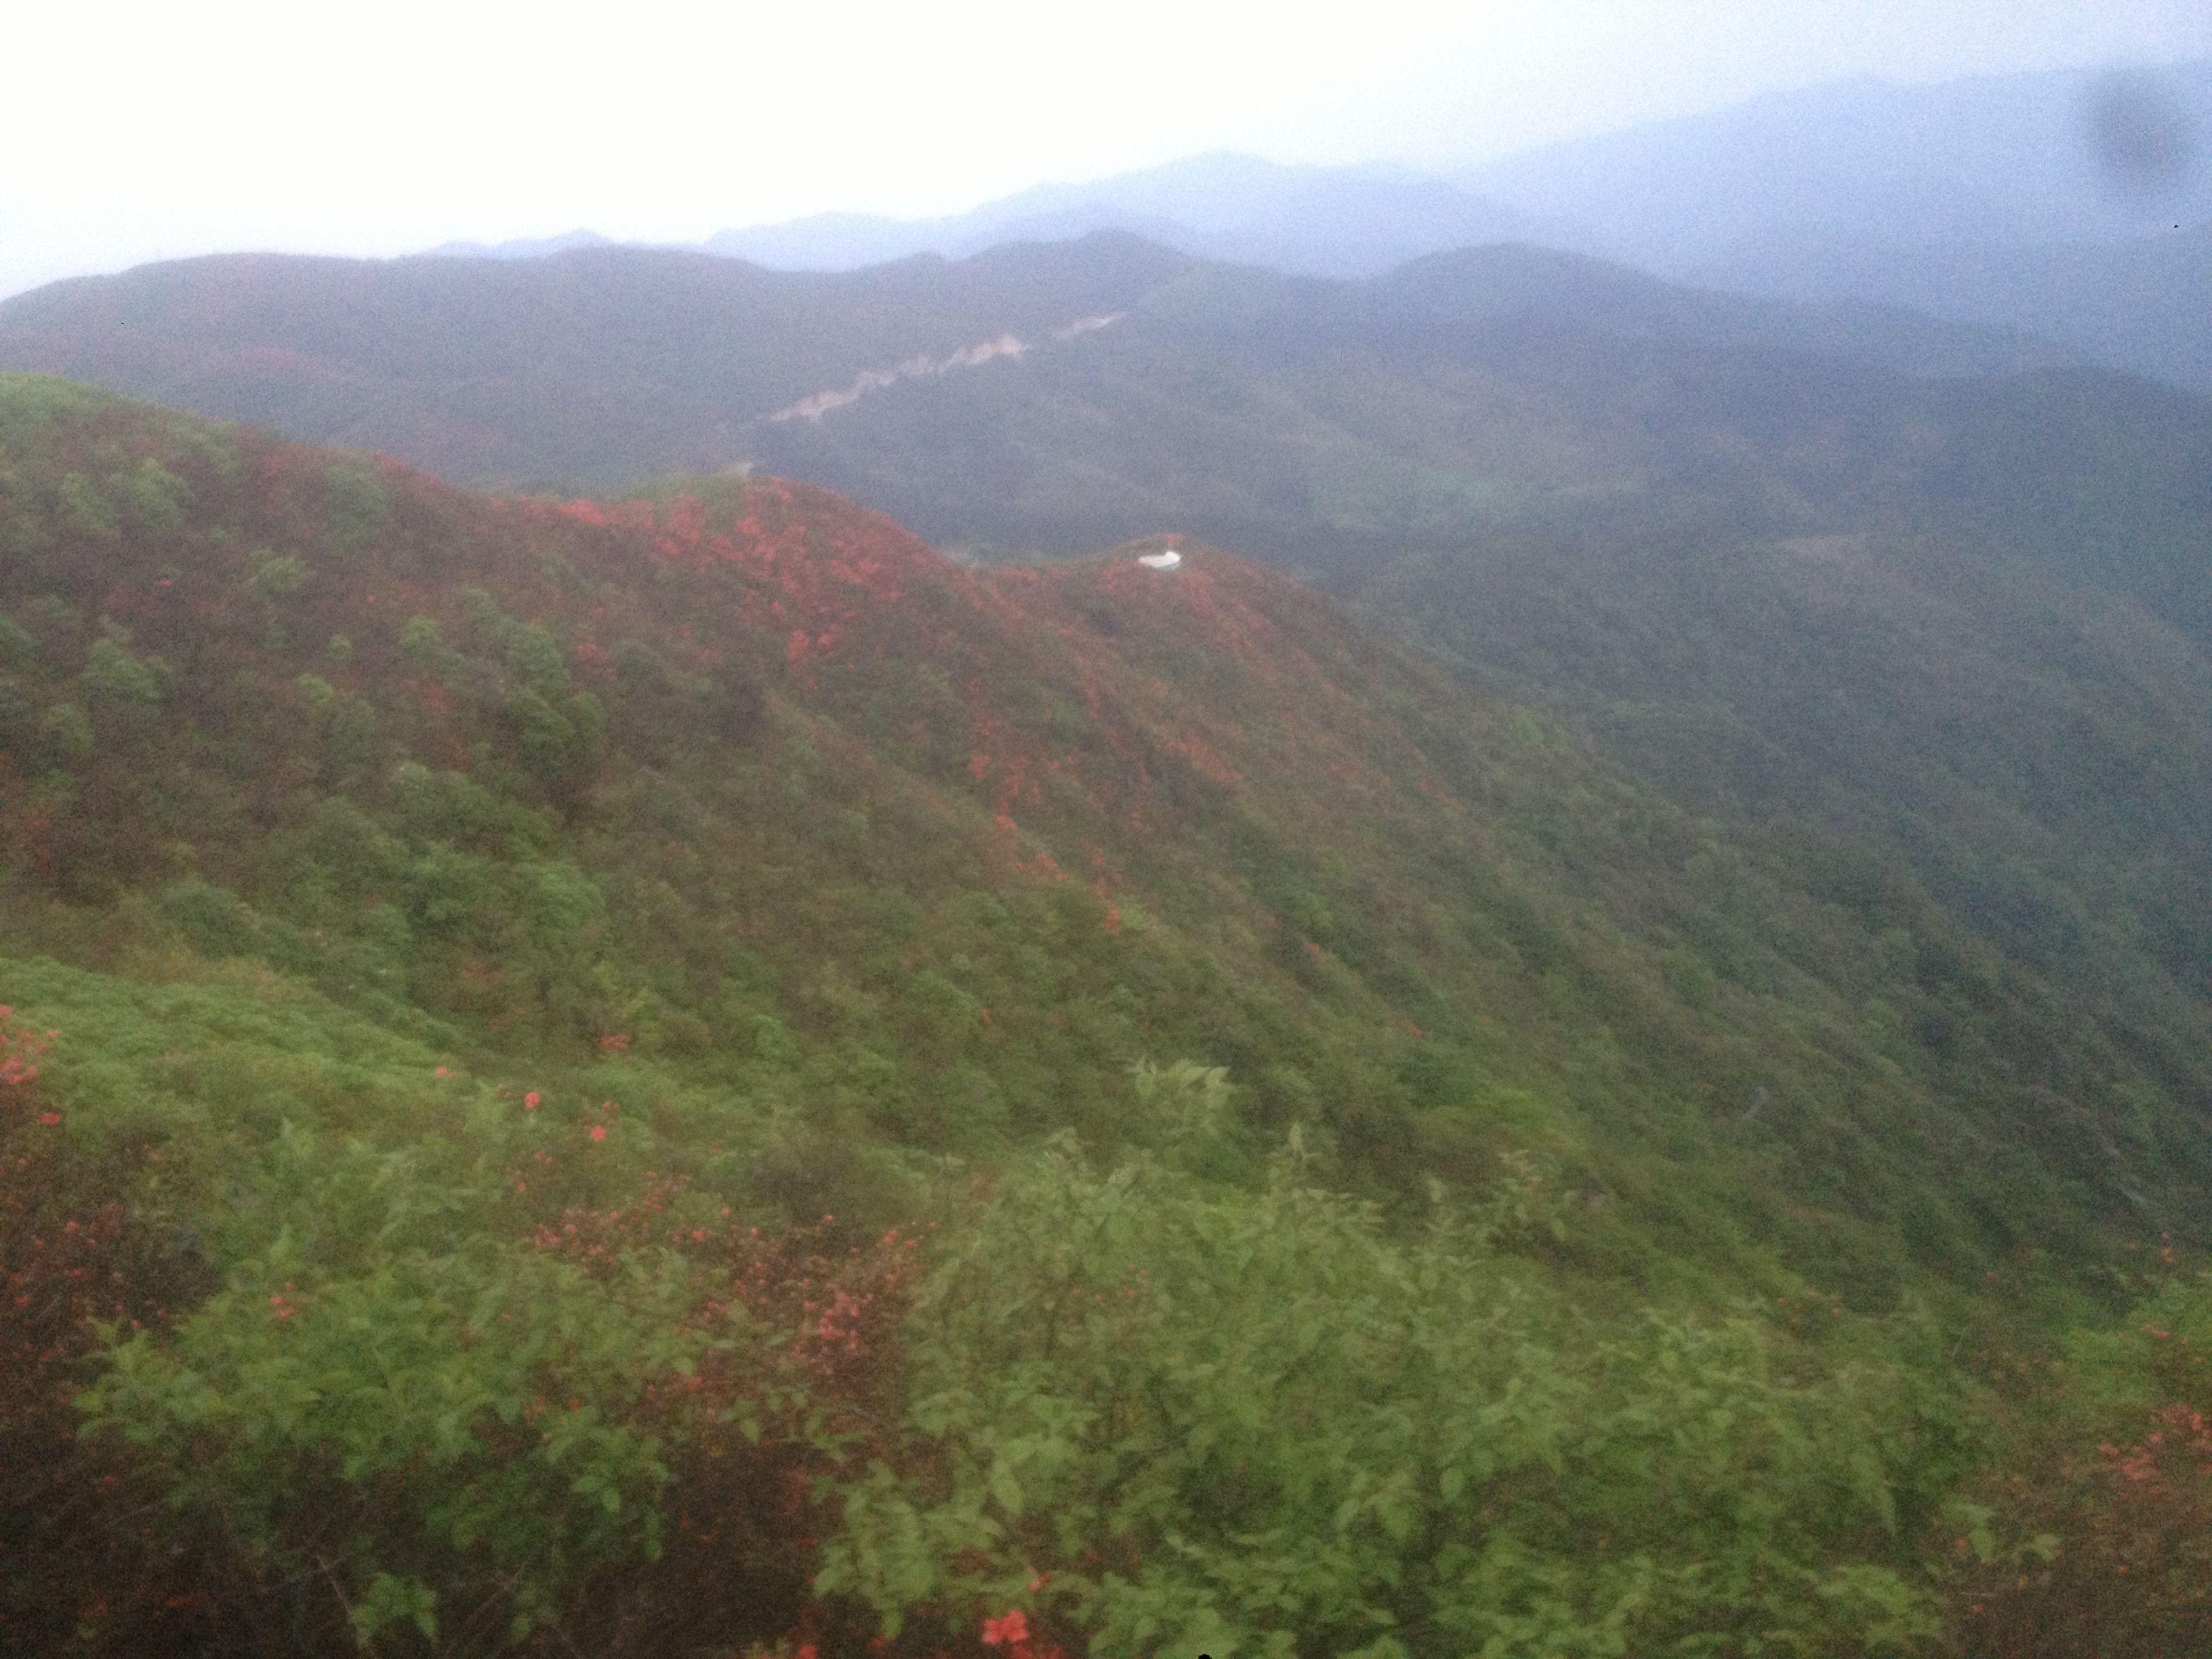 阳明山国家森林公园,永州阳明山国家森林公园攻略图片